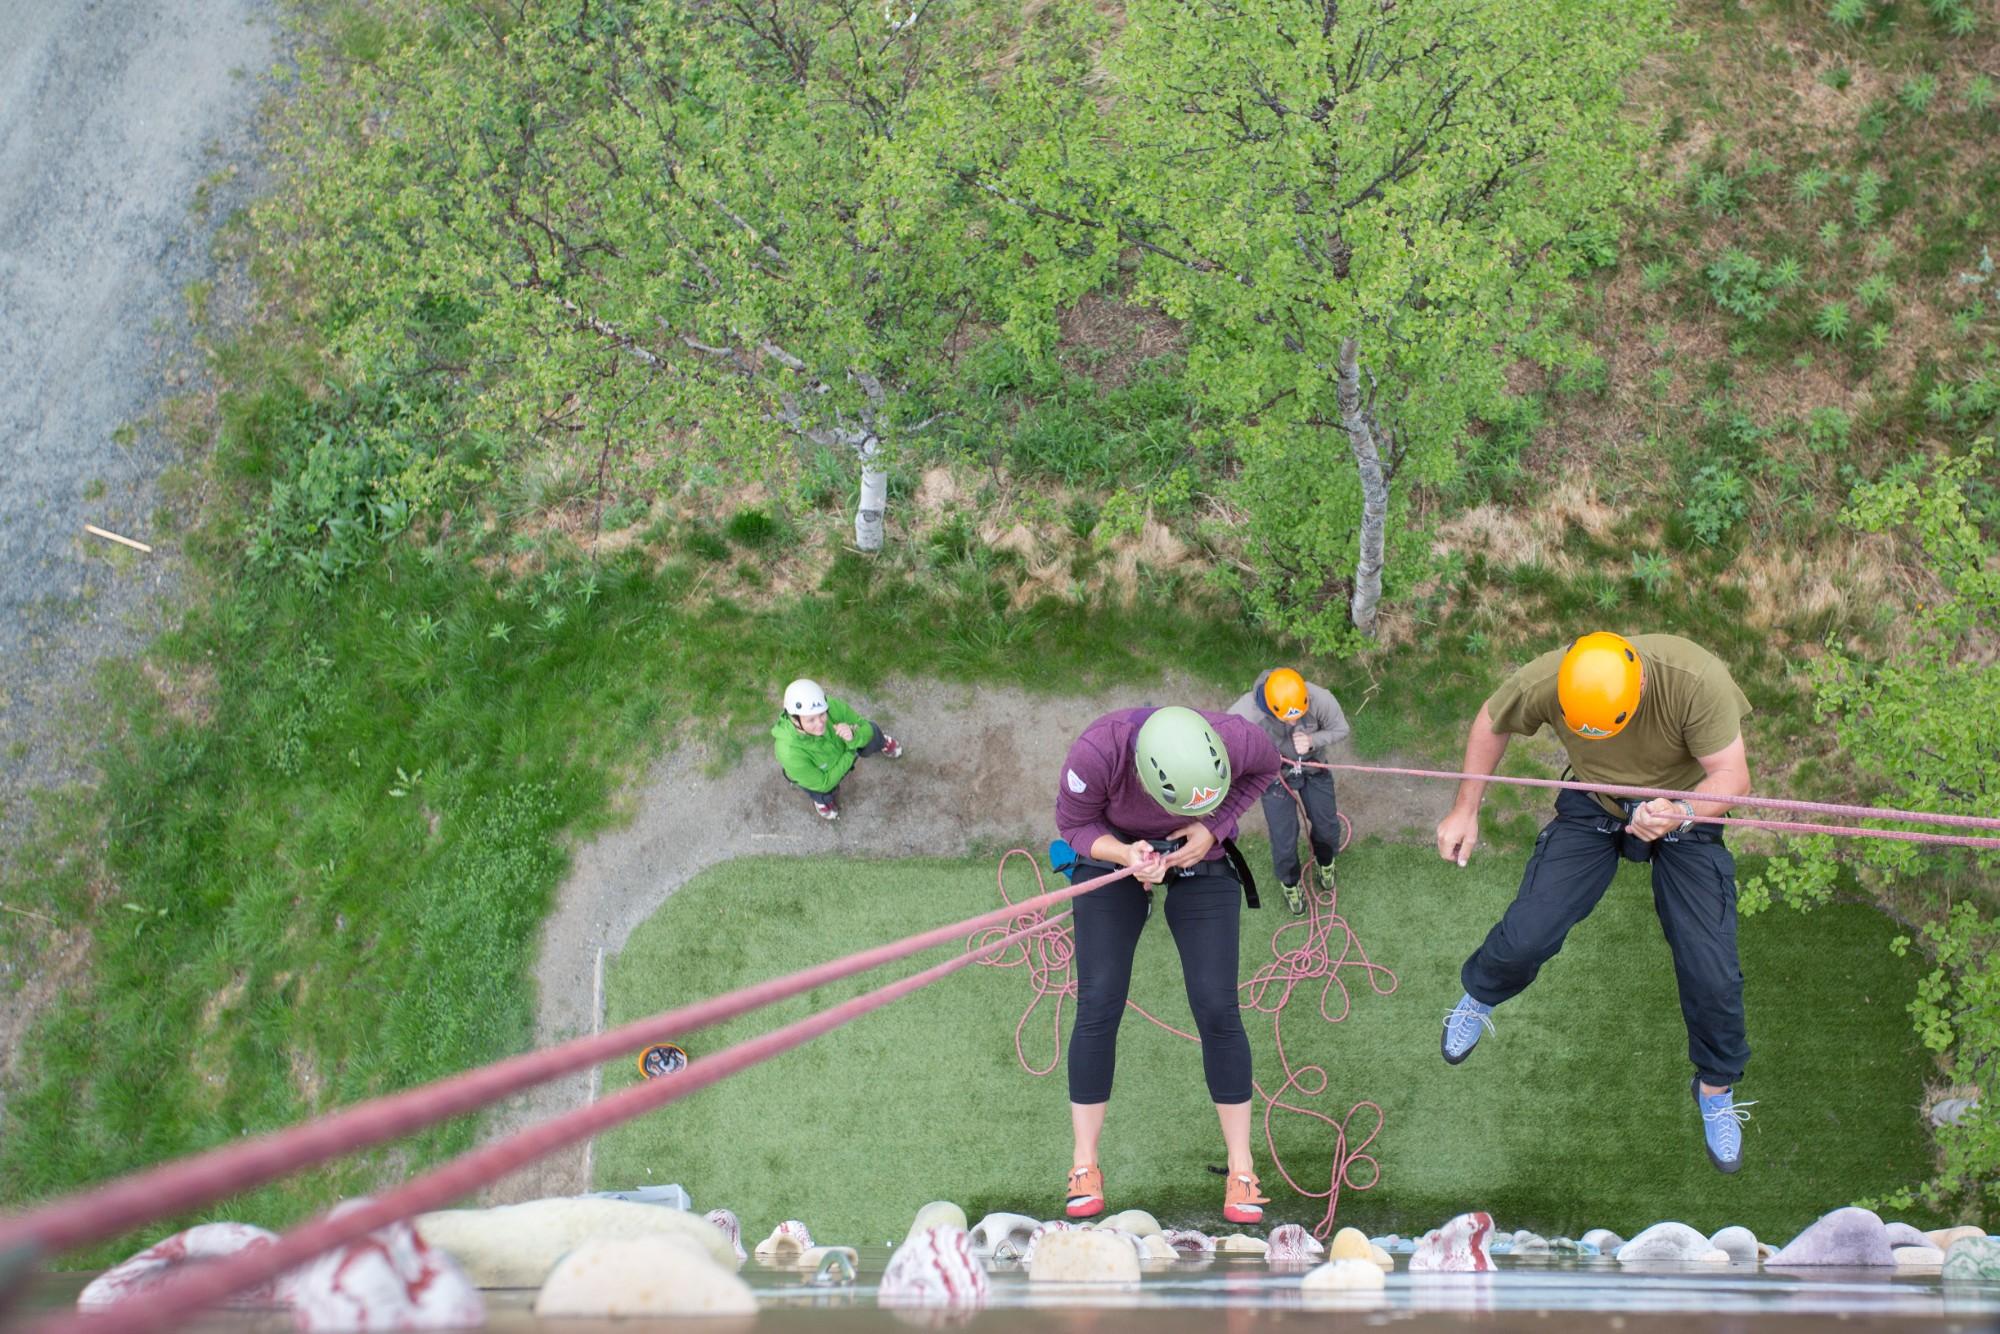 Klatreaktiviteter i klatretårn